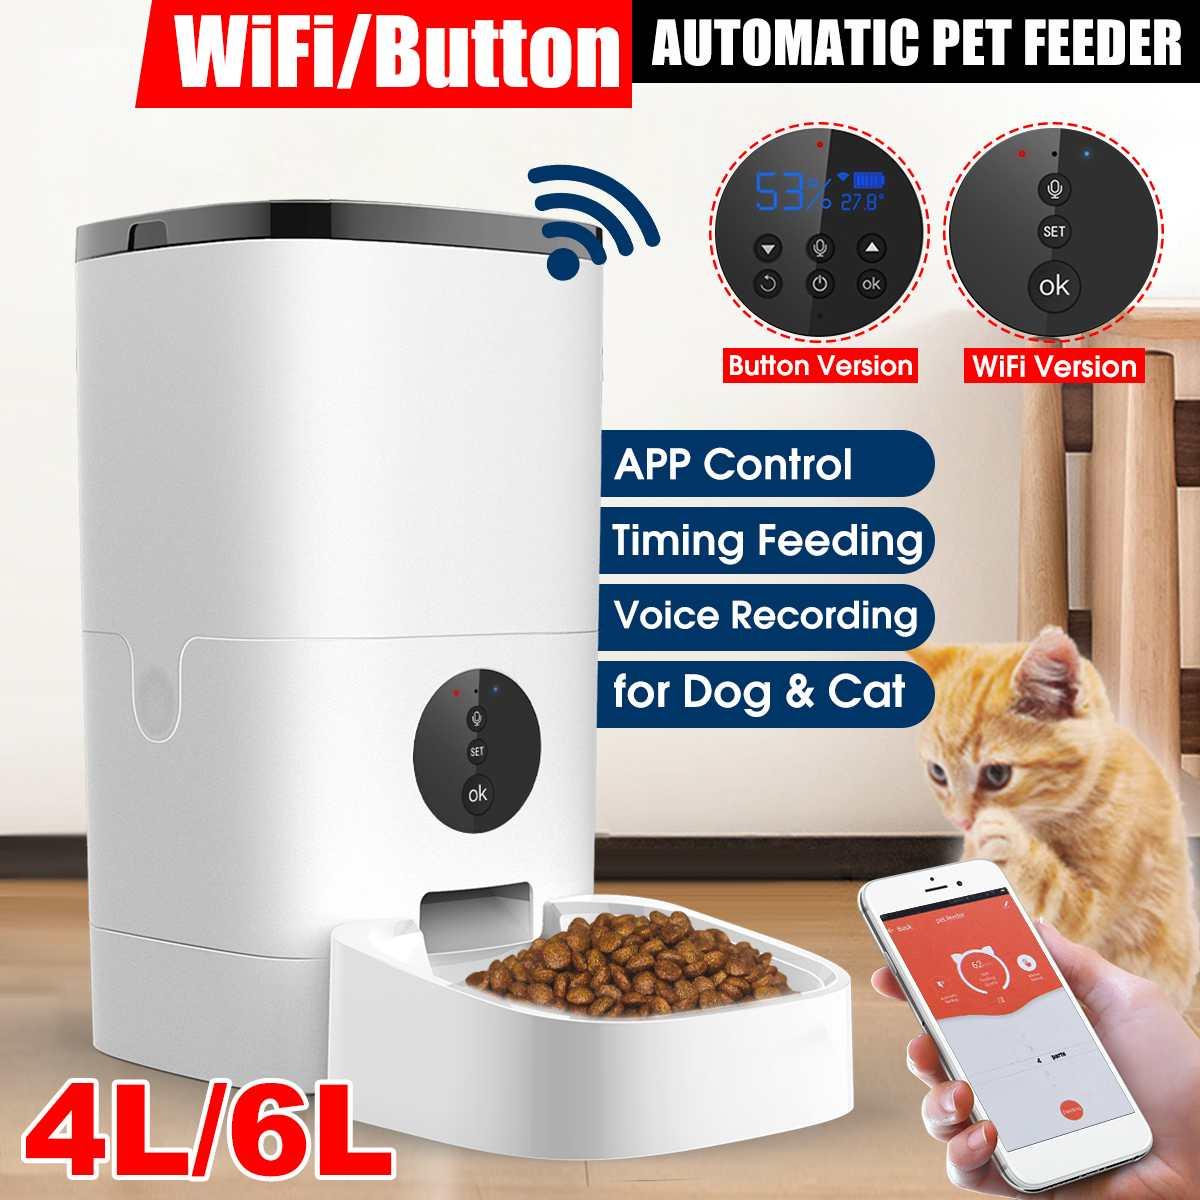 [فيديو/واي فاي/زر الإصدار] 4L/6L جهاز التزويد الآلي بطعام الحيوان الأليف الذكية القط الكلب الغذاء موزع التحكم عن بعد APP الموقت